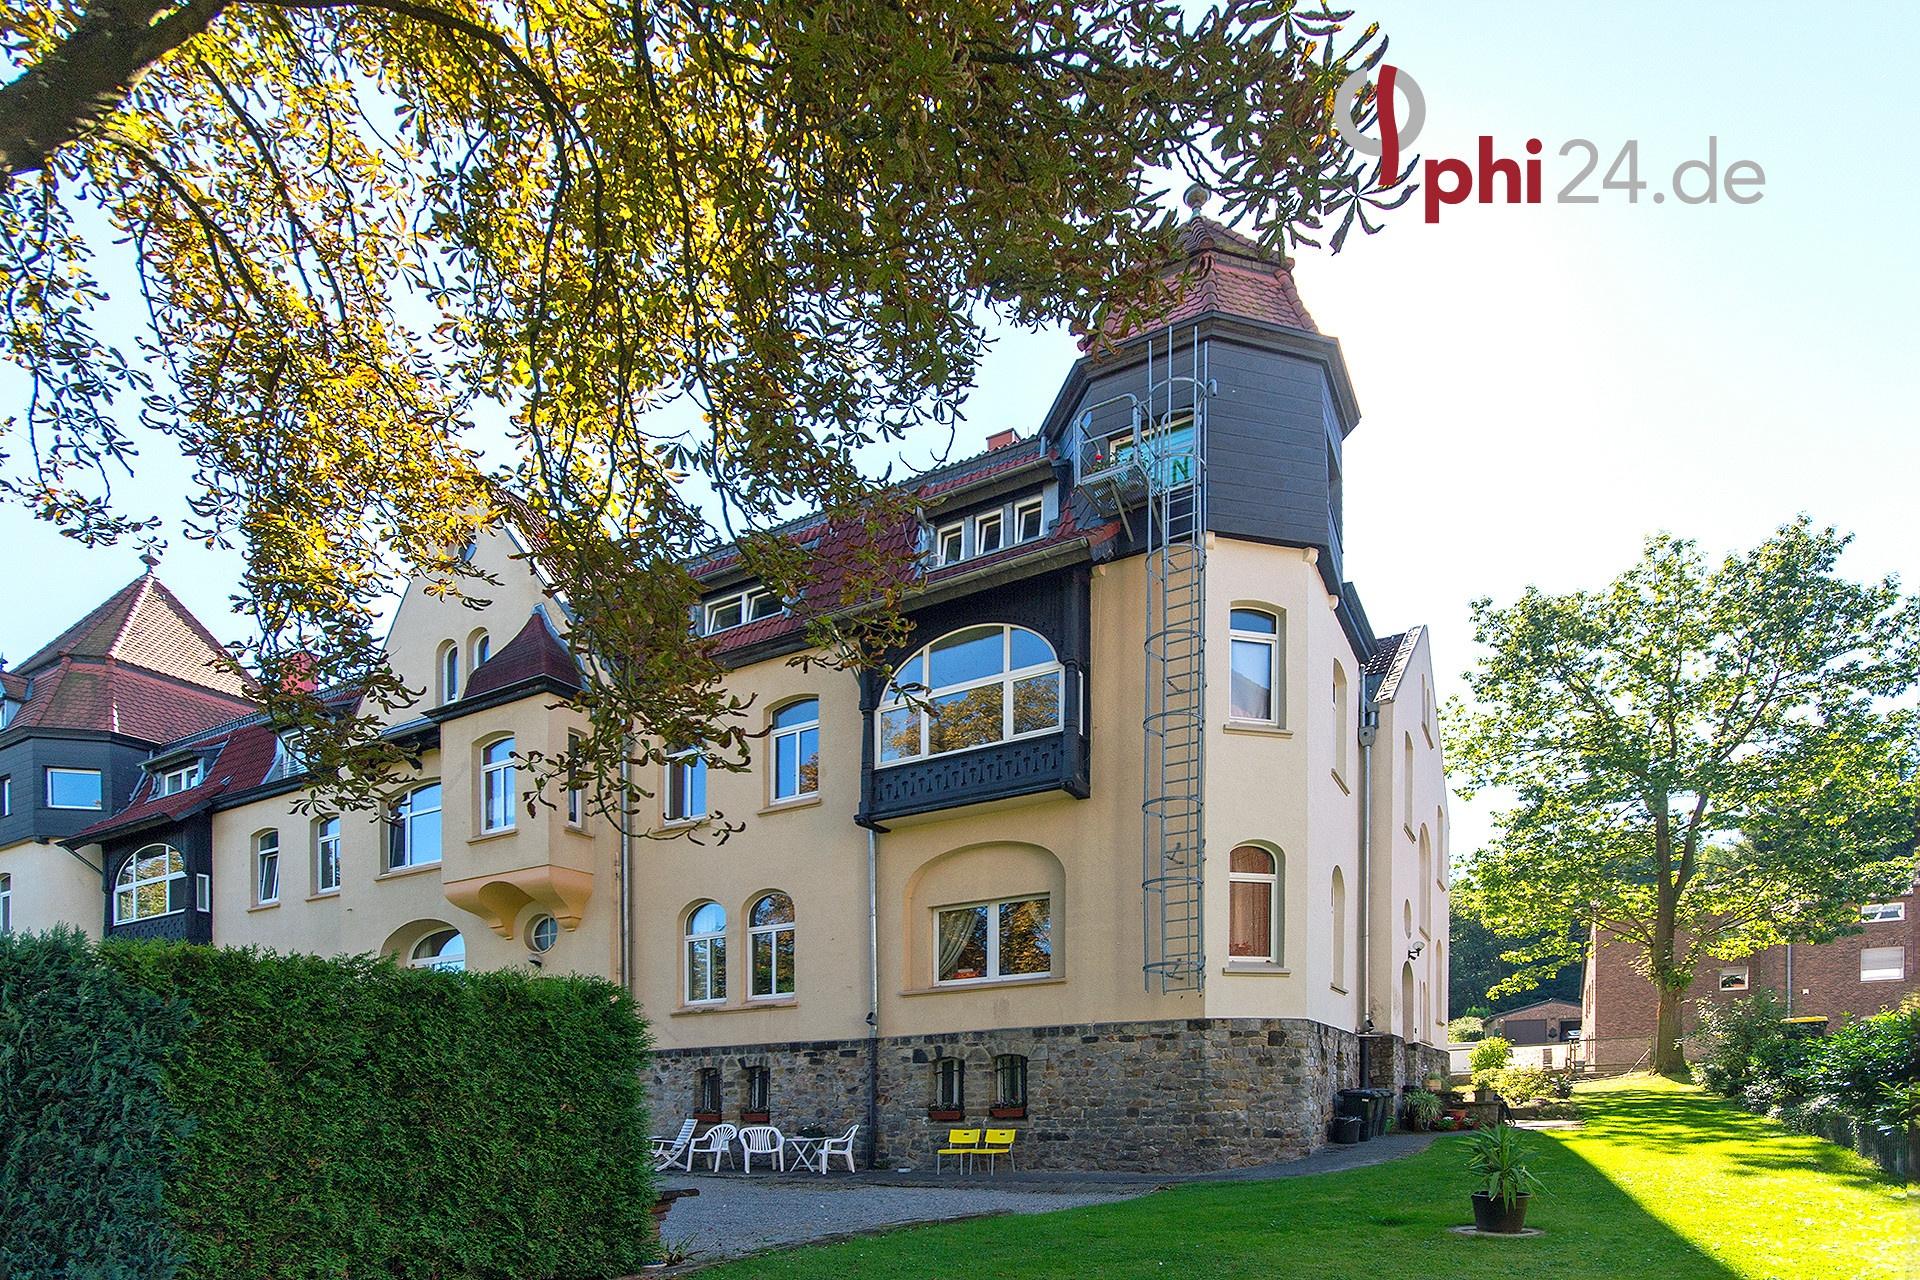 Immobilienmakler Stolberg Erdgeschosswohnung referenzen mit Immobilienbewertung